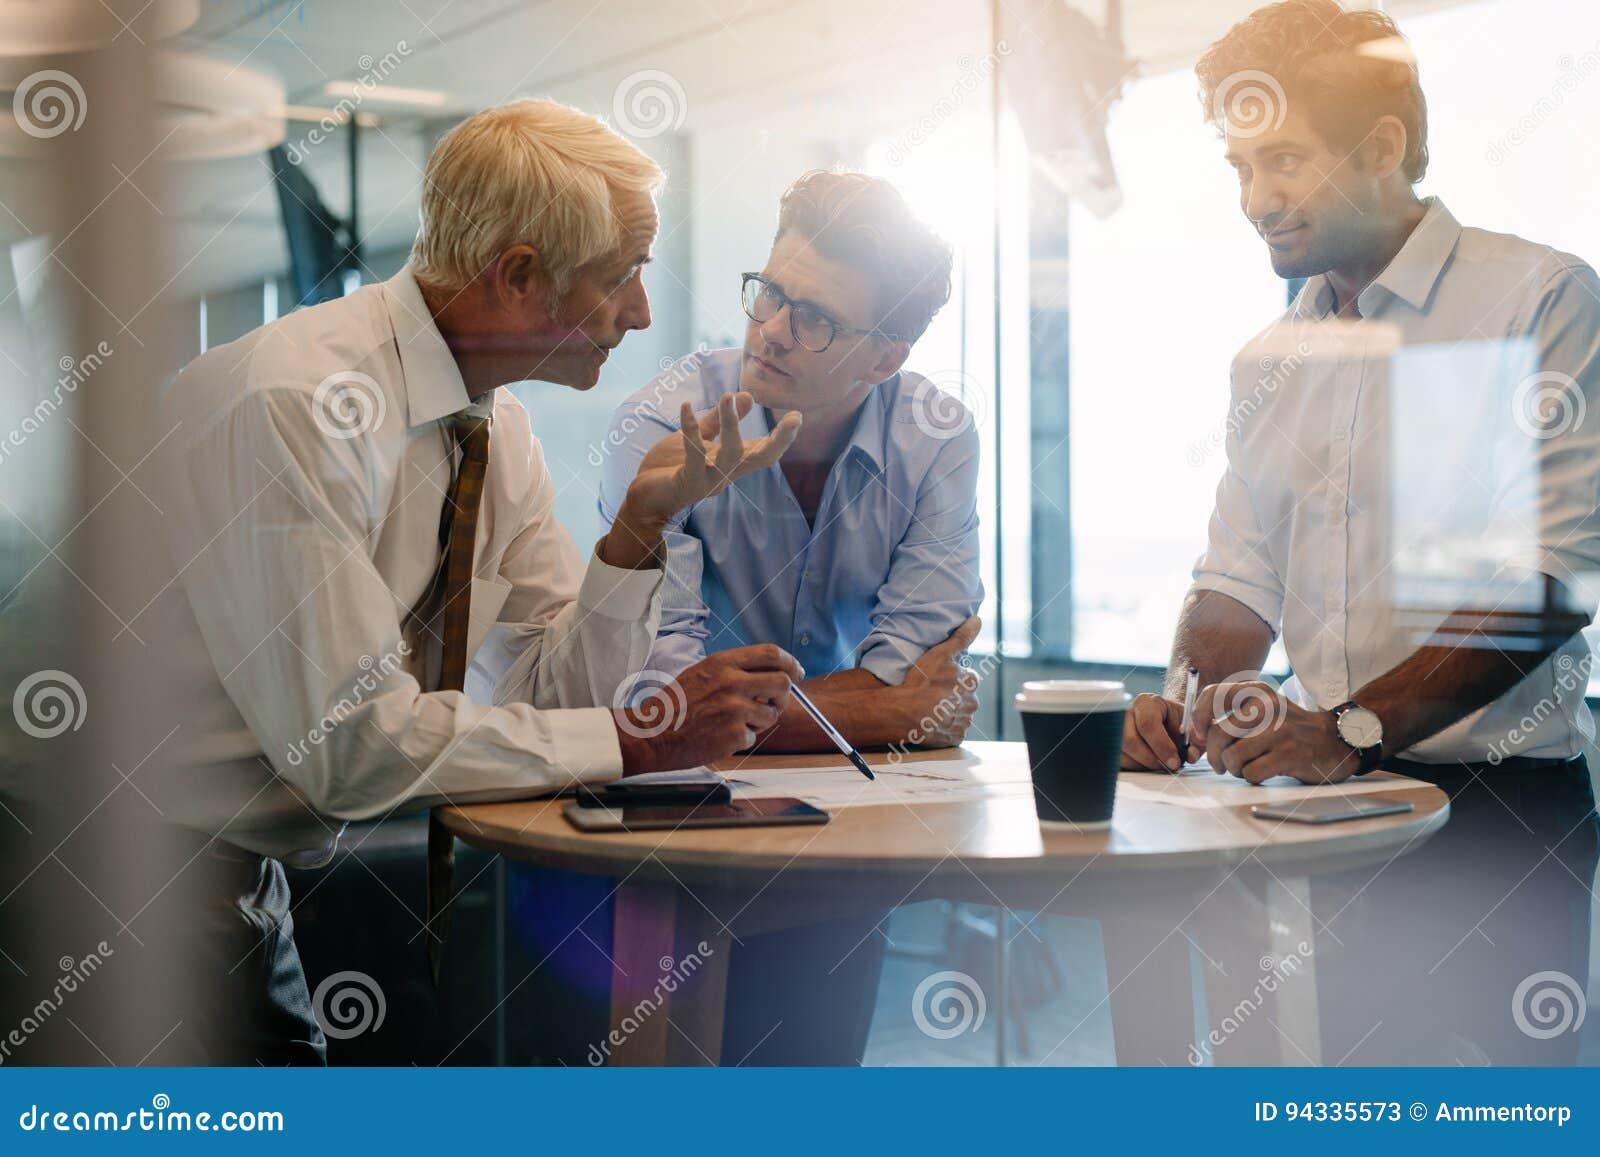 Korporacyjny profesjonalista ma spotkania w nowożytnym biurze